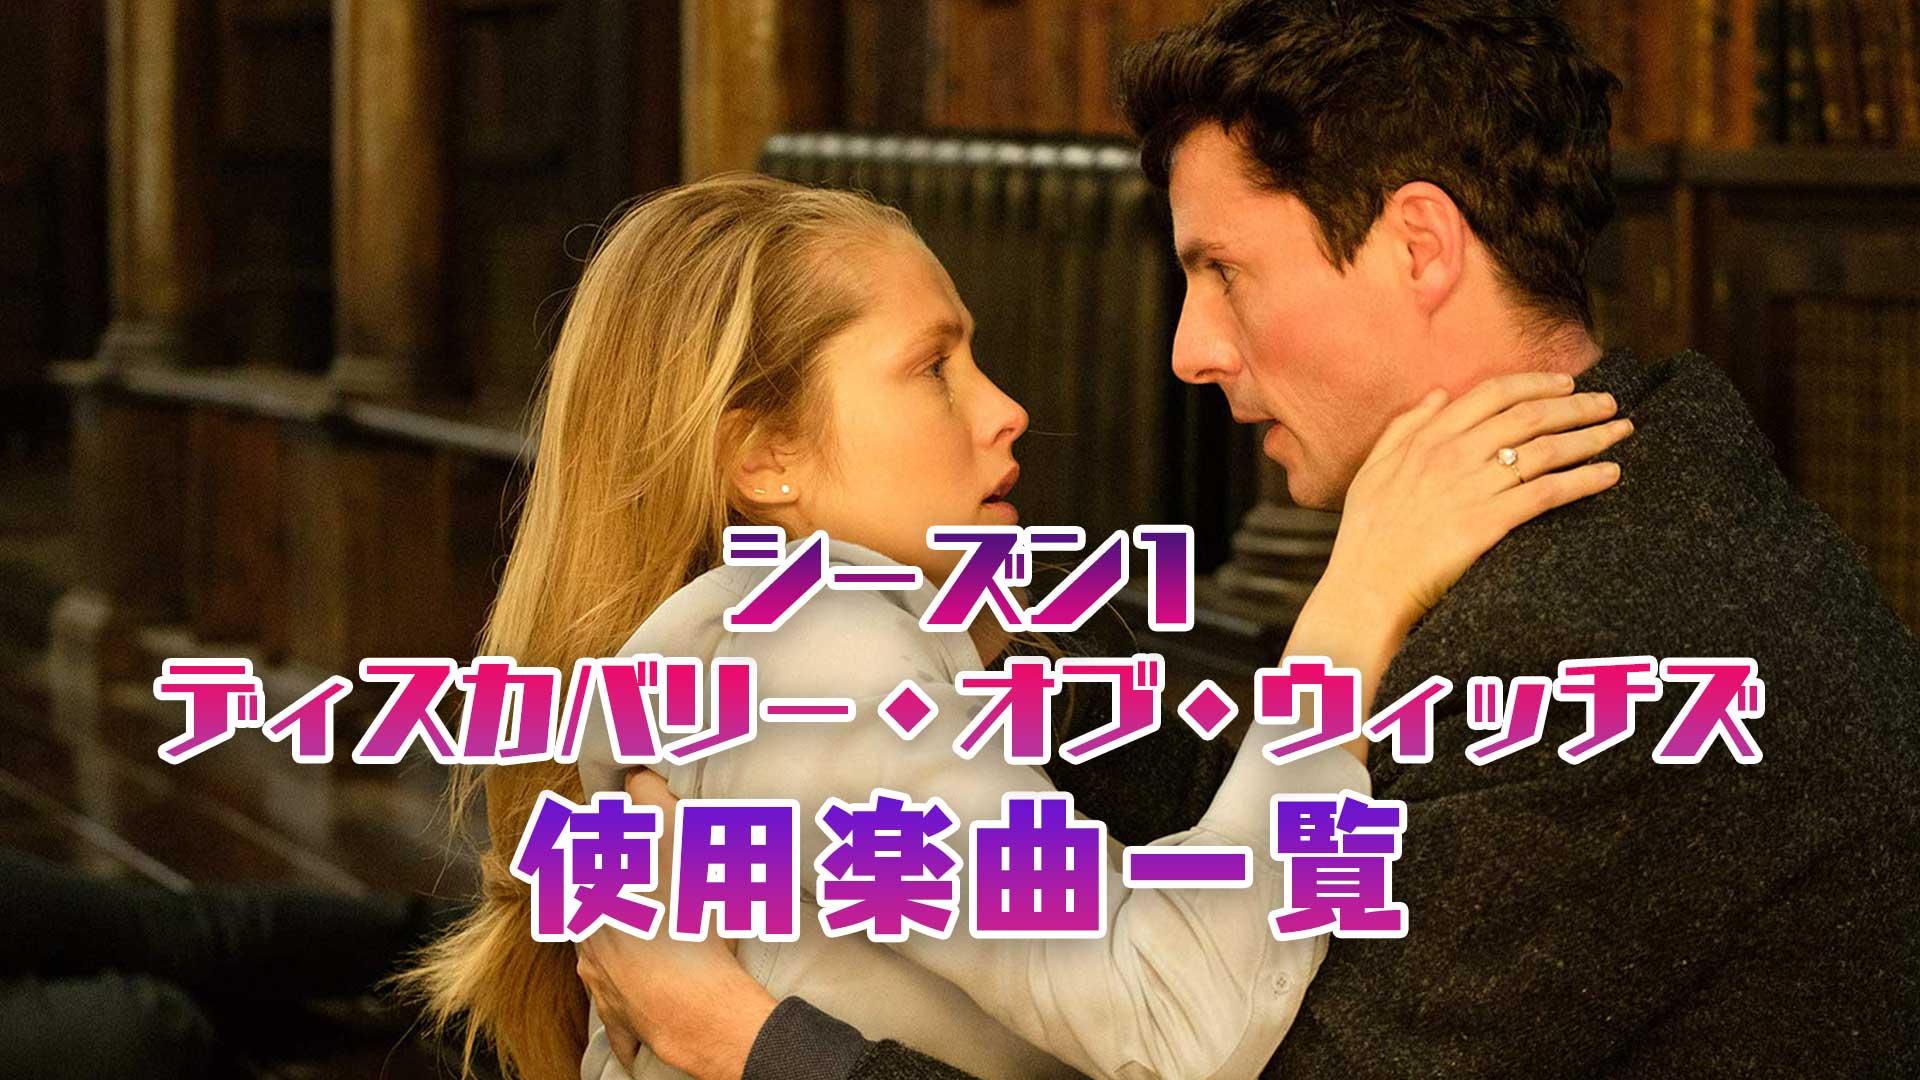 海外ドラマ『ディスカバリー・オブ・ウィッチズ』シーズン1で使われている曲まとめ!